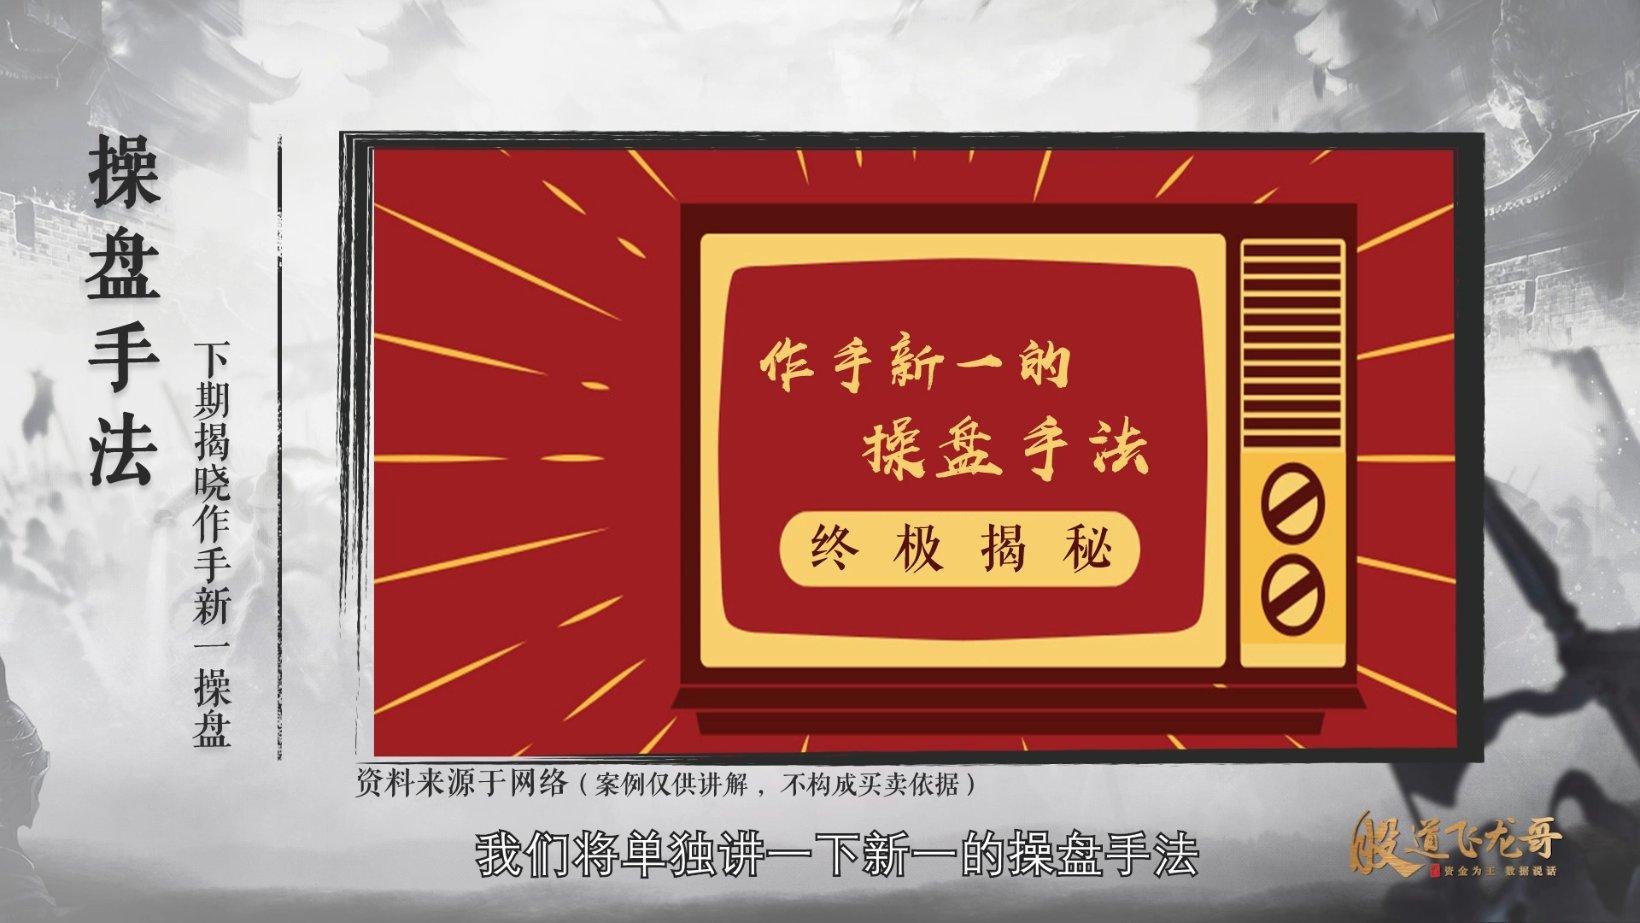 山高水长后会有期_作手新一传3:听徐翔一句话,龙虎榜排第九,直追赵老哥_同花顺 ...